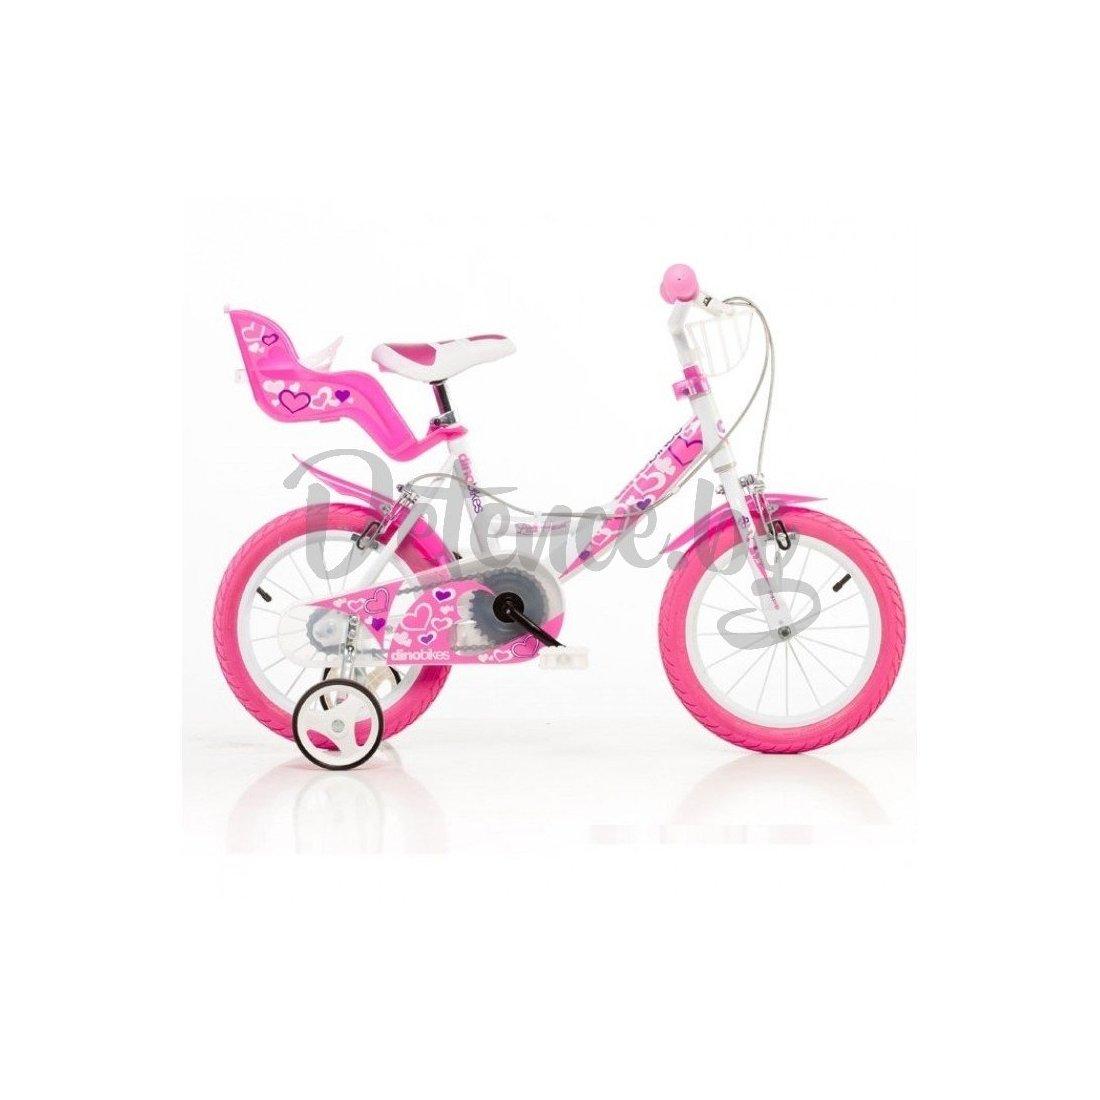 Dino Bikes - 120115620